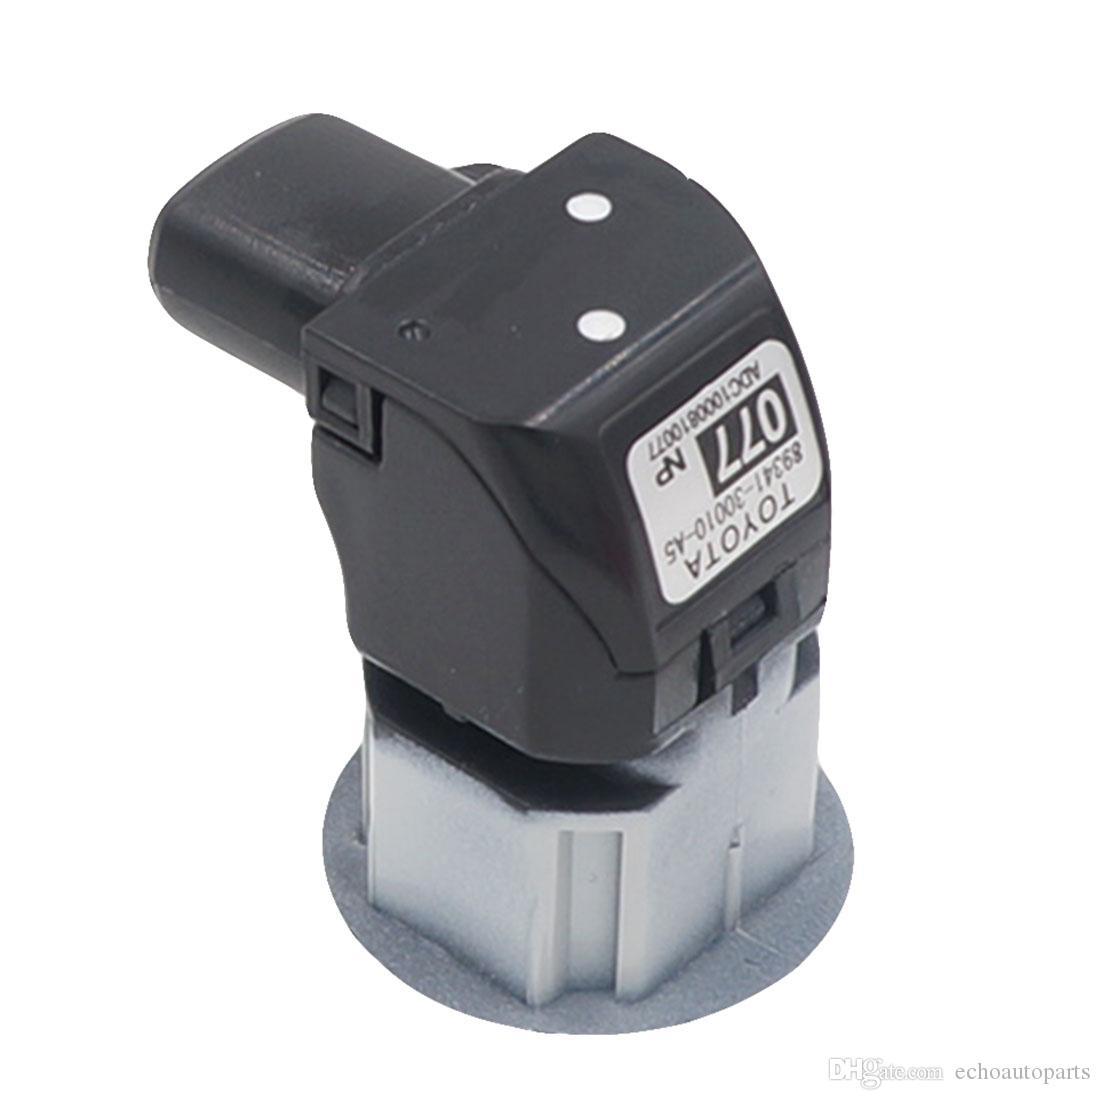 Qualitäts-Auto-Original-Fabrik-Sensor-Rück Parkplatz PDC Sensor 89.341-30.010-A5 für LEXUS GS300 GS350 GS430 IS250